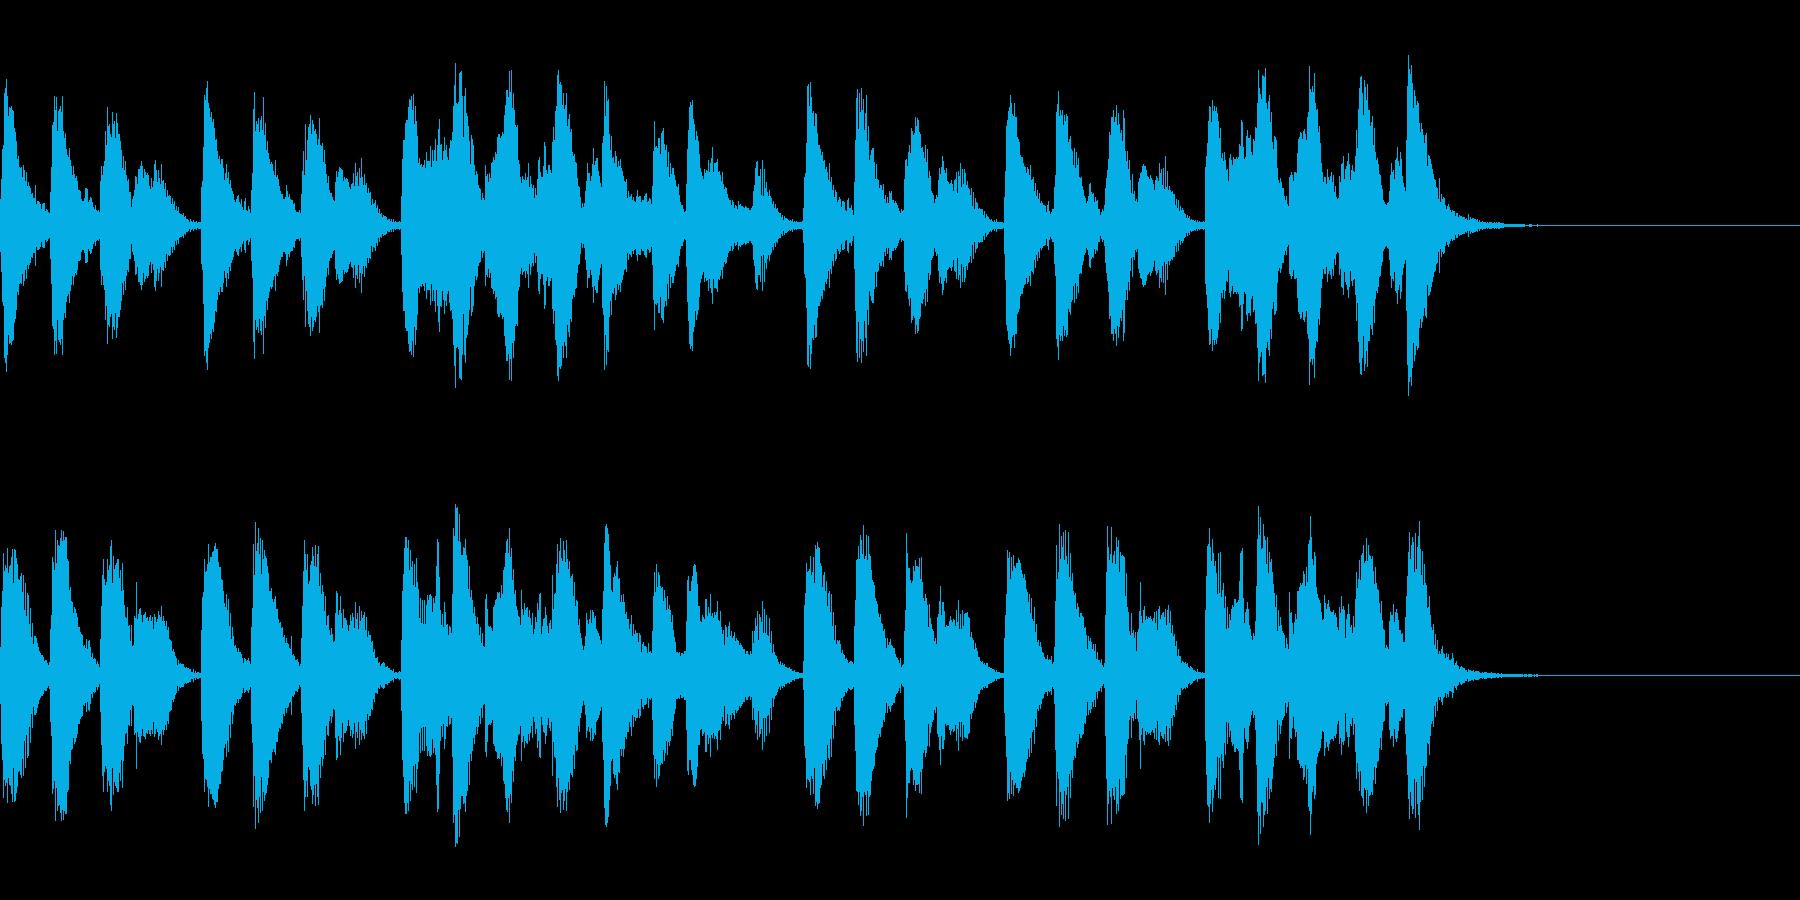 ラグタイムピアノ12sサウンドの再生済みの波形